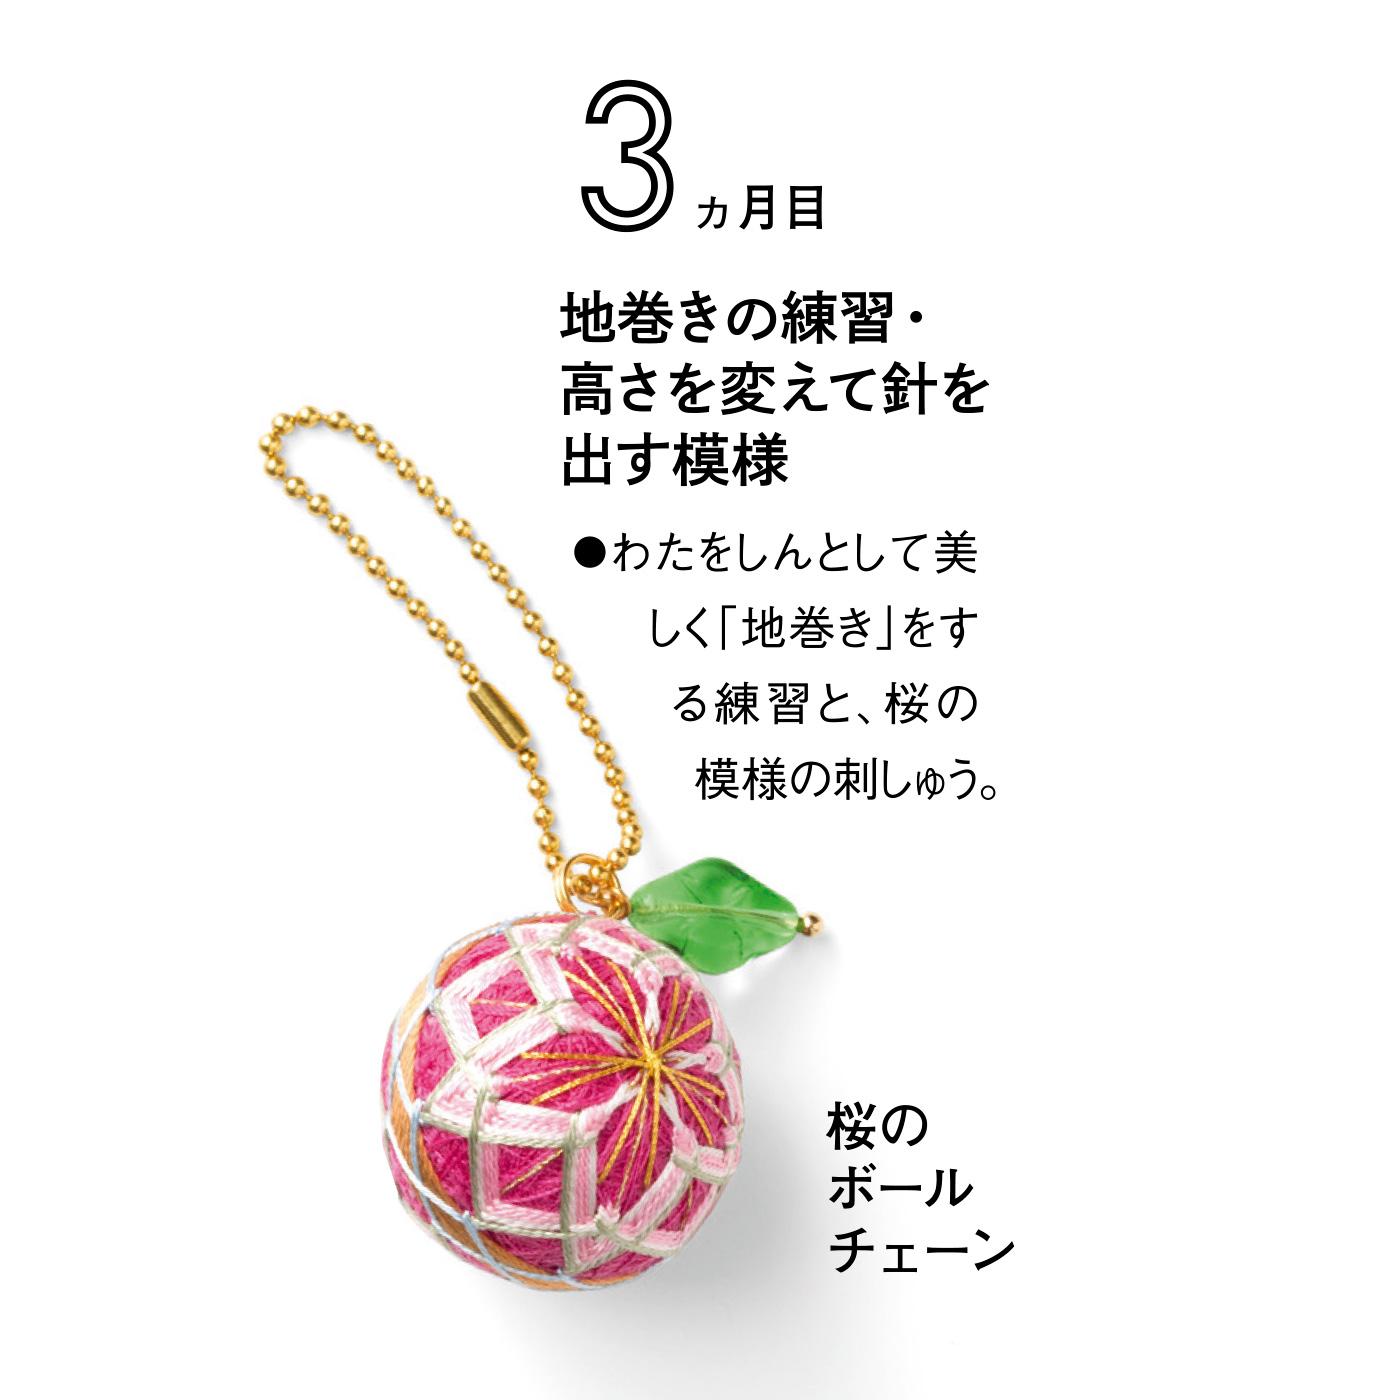 桜のボールチェーン